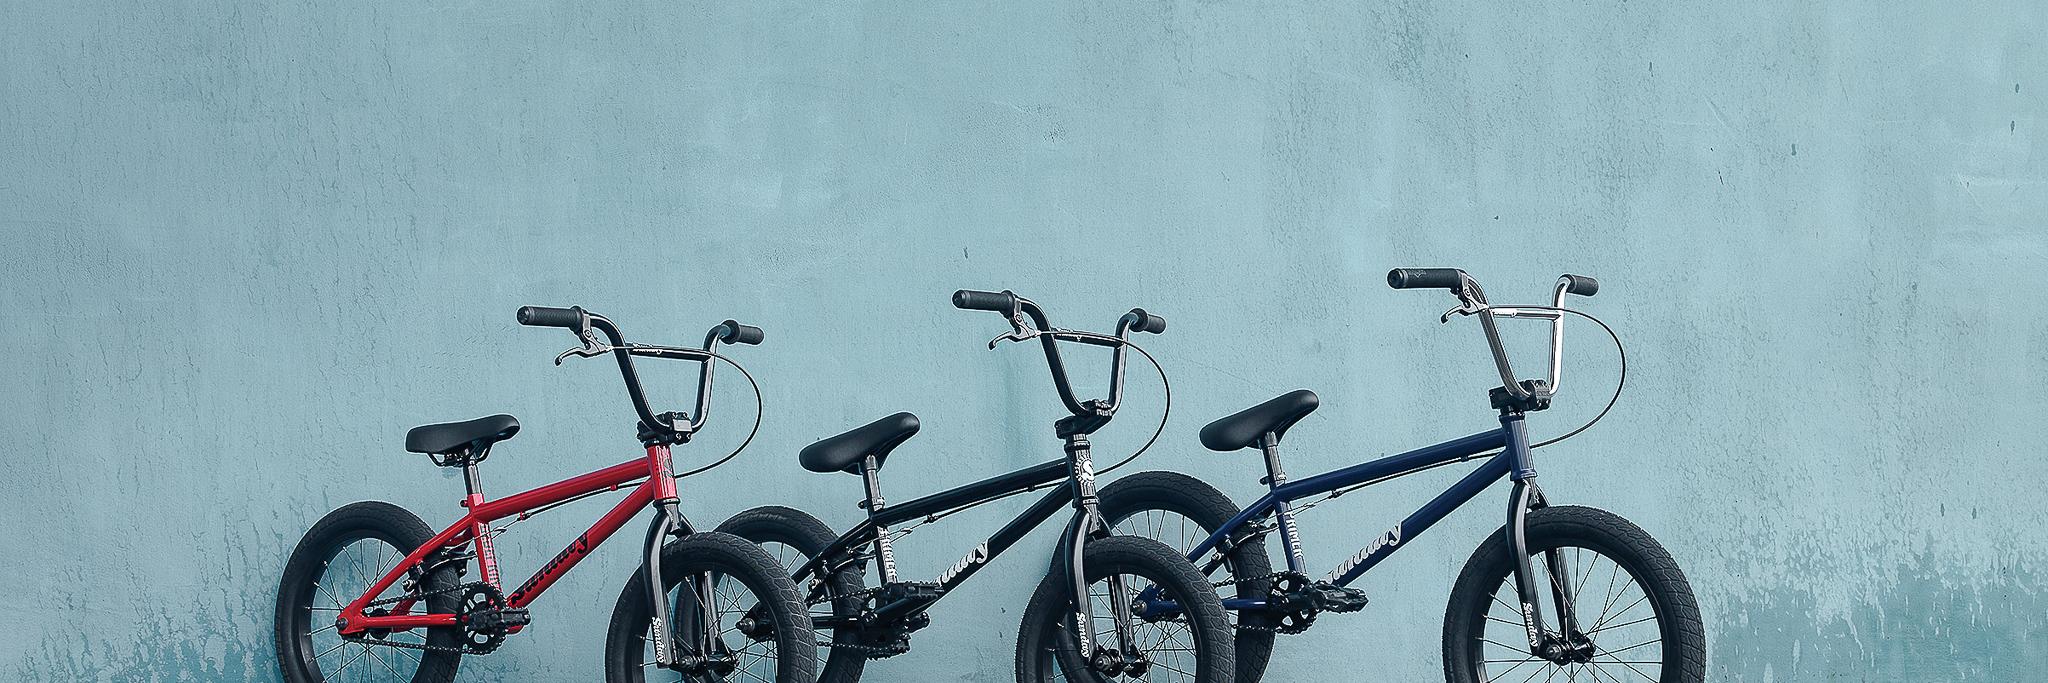 2019 Starter Bikes